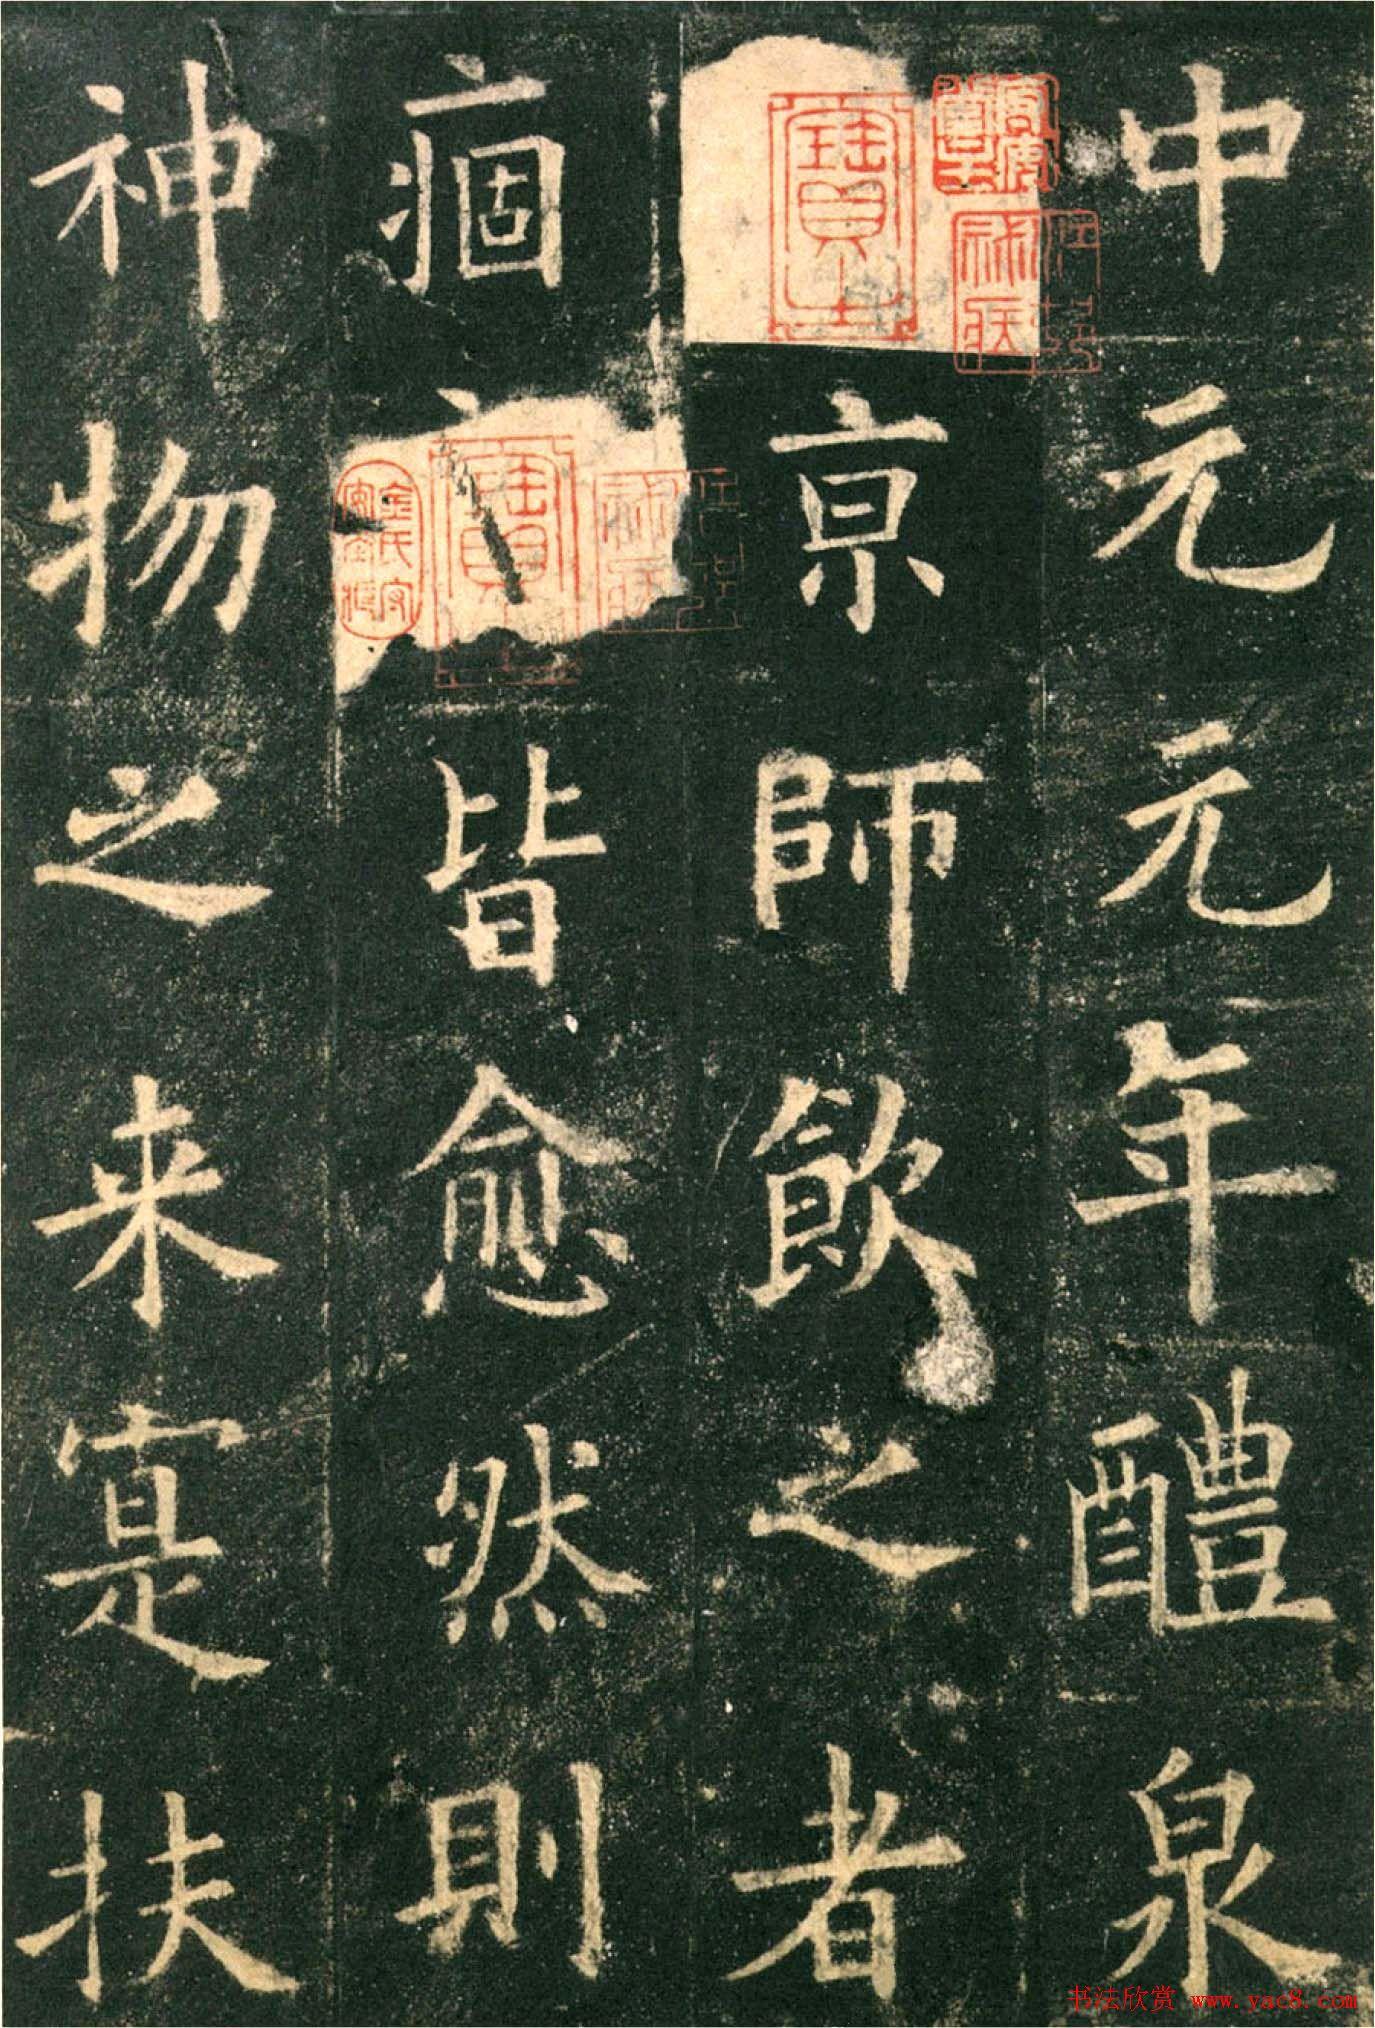 欧阳询楷书字帖《九成宫醴泉铭》(31)图片